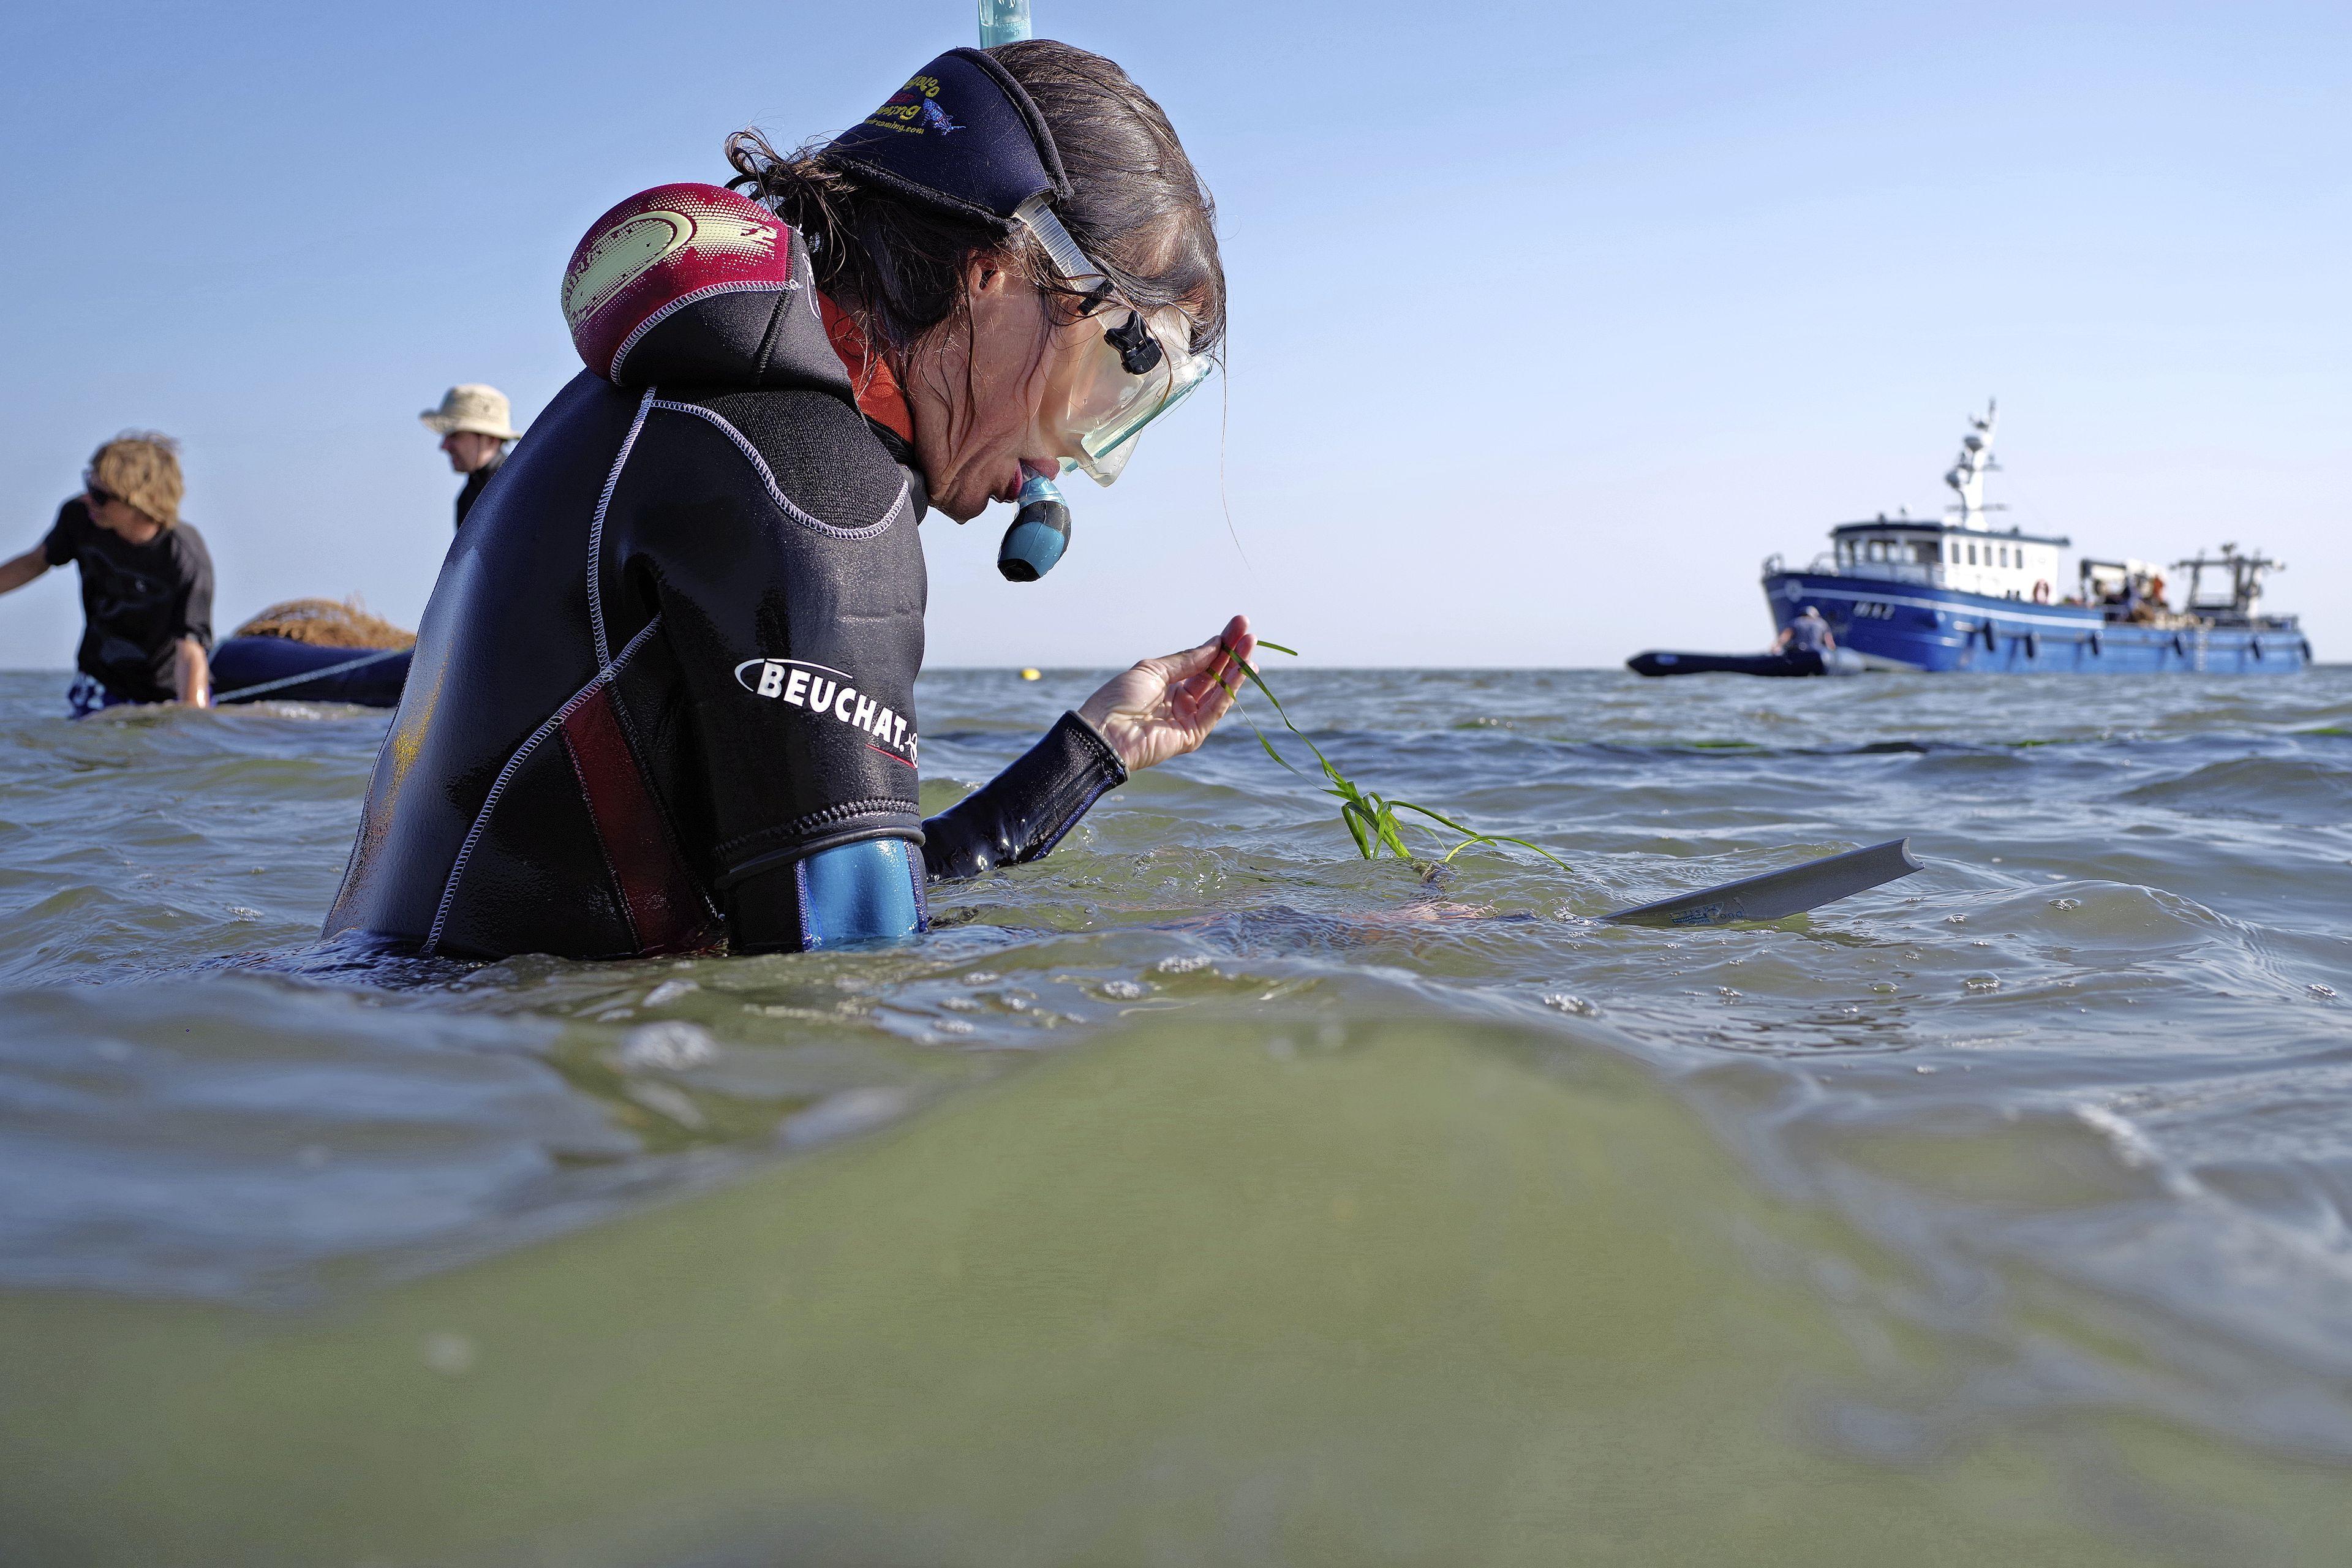 Na de aanleg van de Afsluitdijk verdween het zeegras uit de Waddenzee. Nu zijn voor het eerst stekken geplant op de Vlakte van Kerken en het Zachte Bed. 'De grote vraag is of ze het gaan overleven'